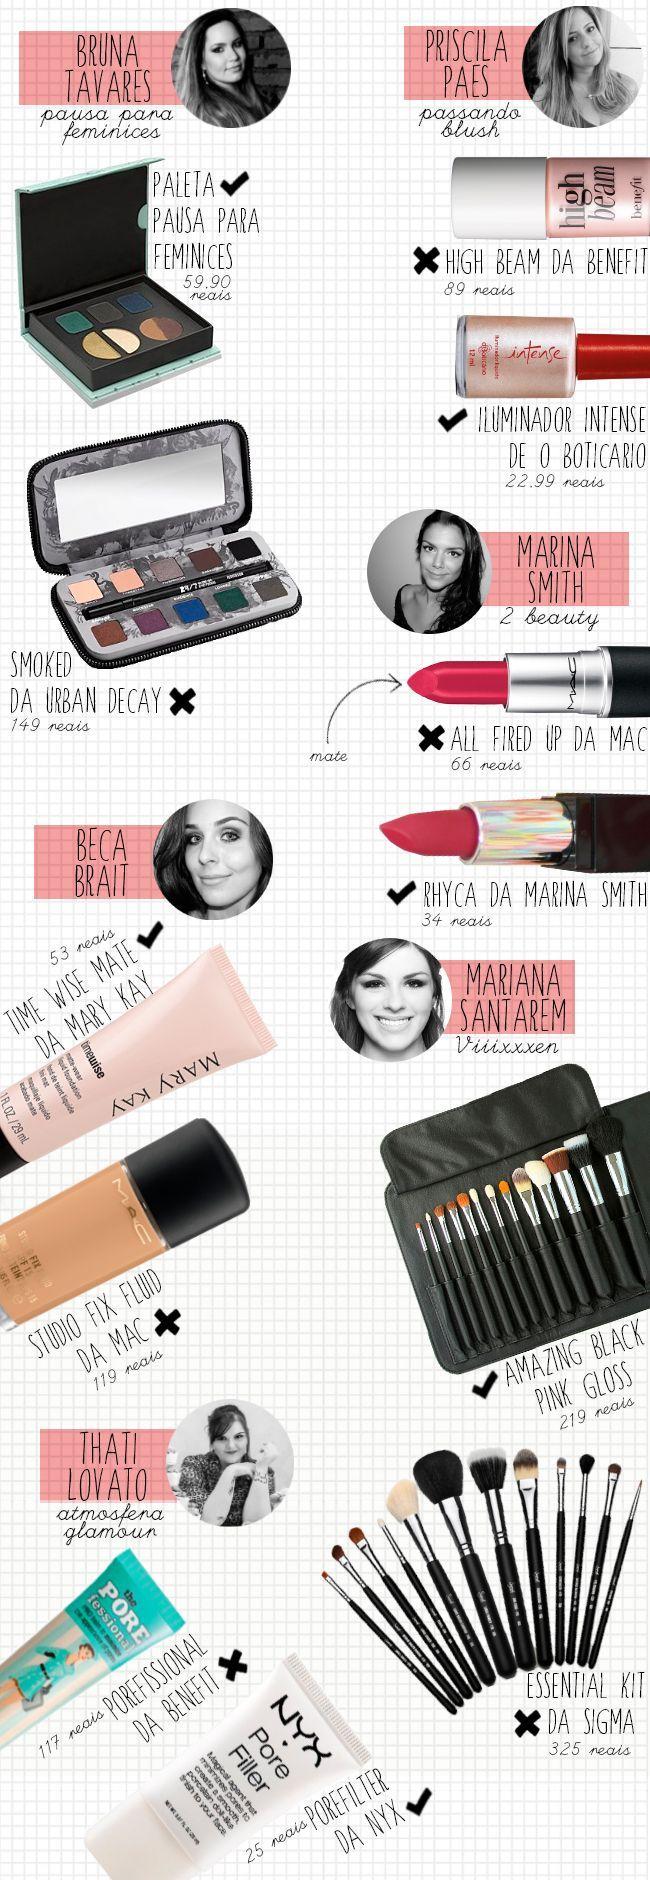 Produtos baratinhos indicados pelas blogueiras! http://sougarotaproblema.blogspot.com.br/2014/01/produtos-baratinhos-indicados-pelas.html